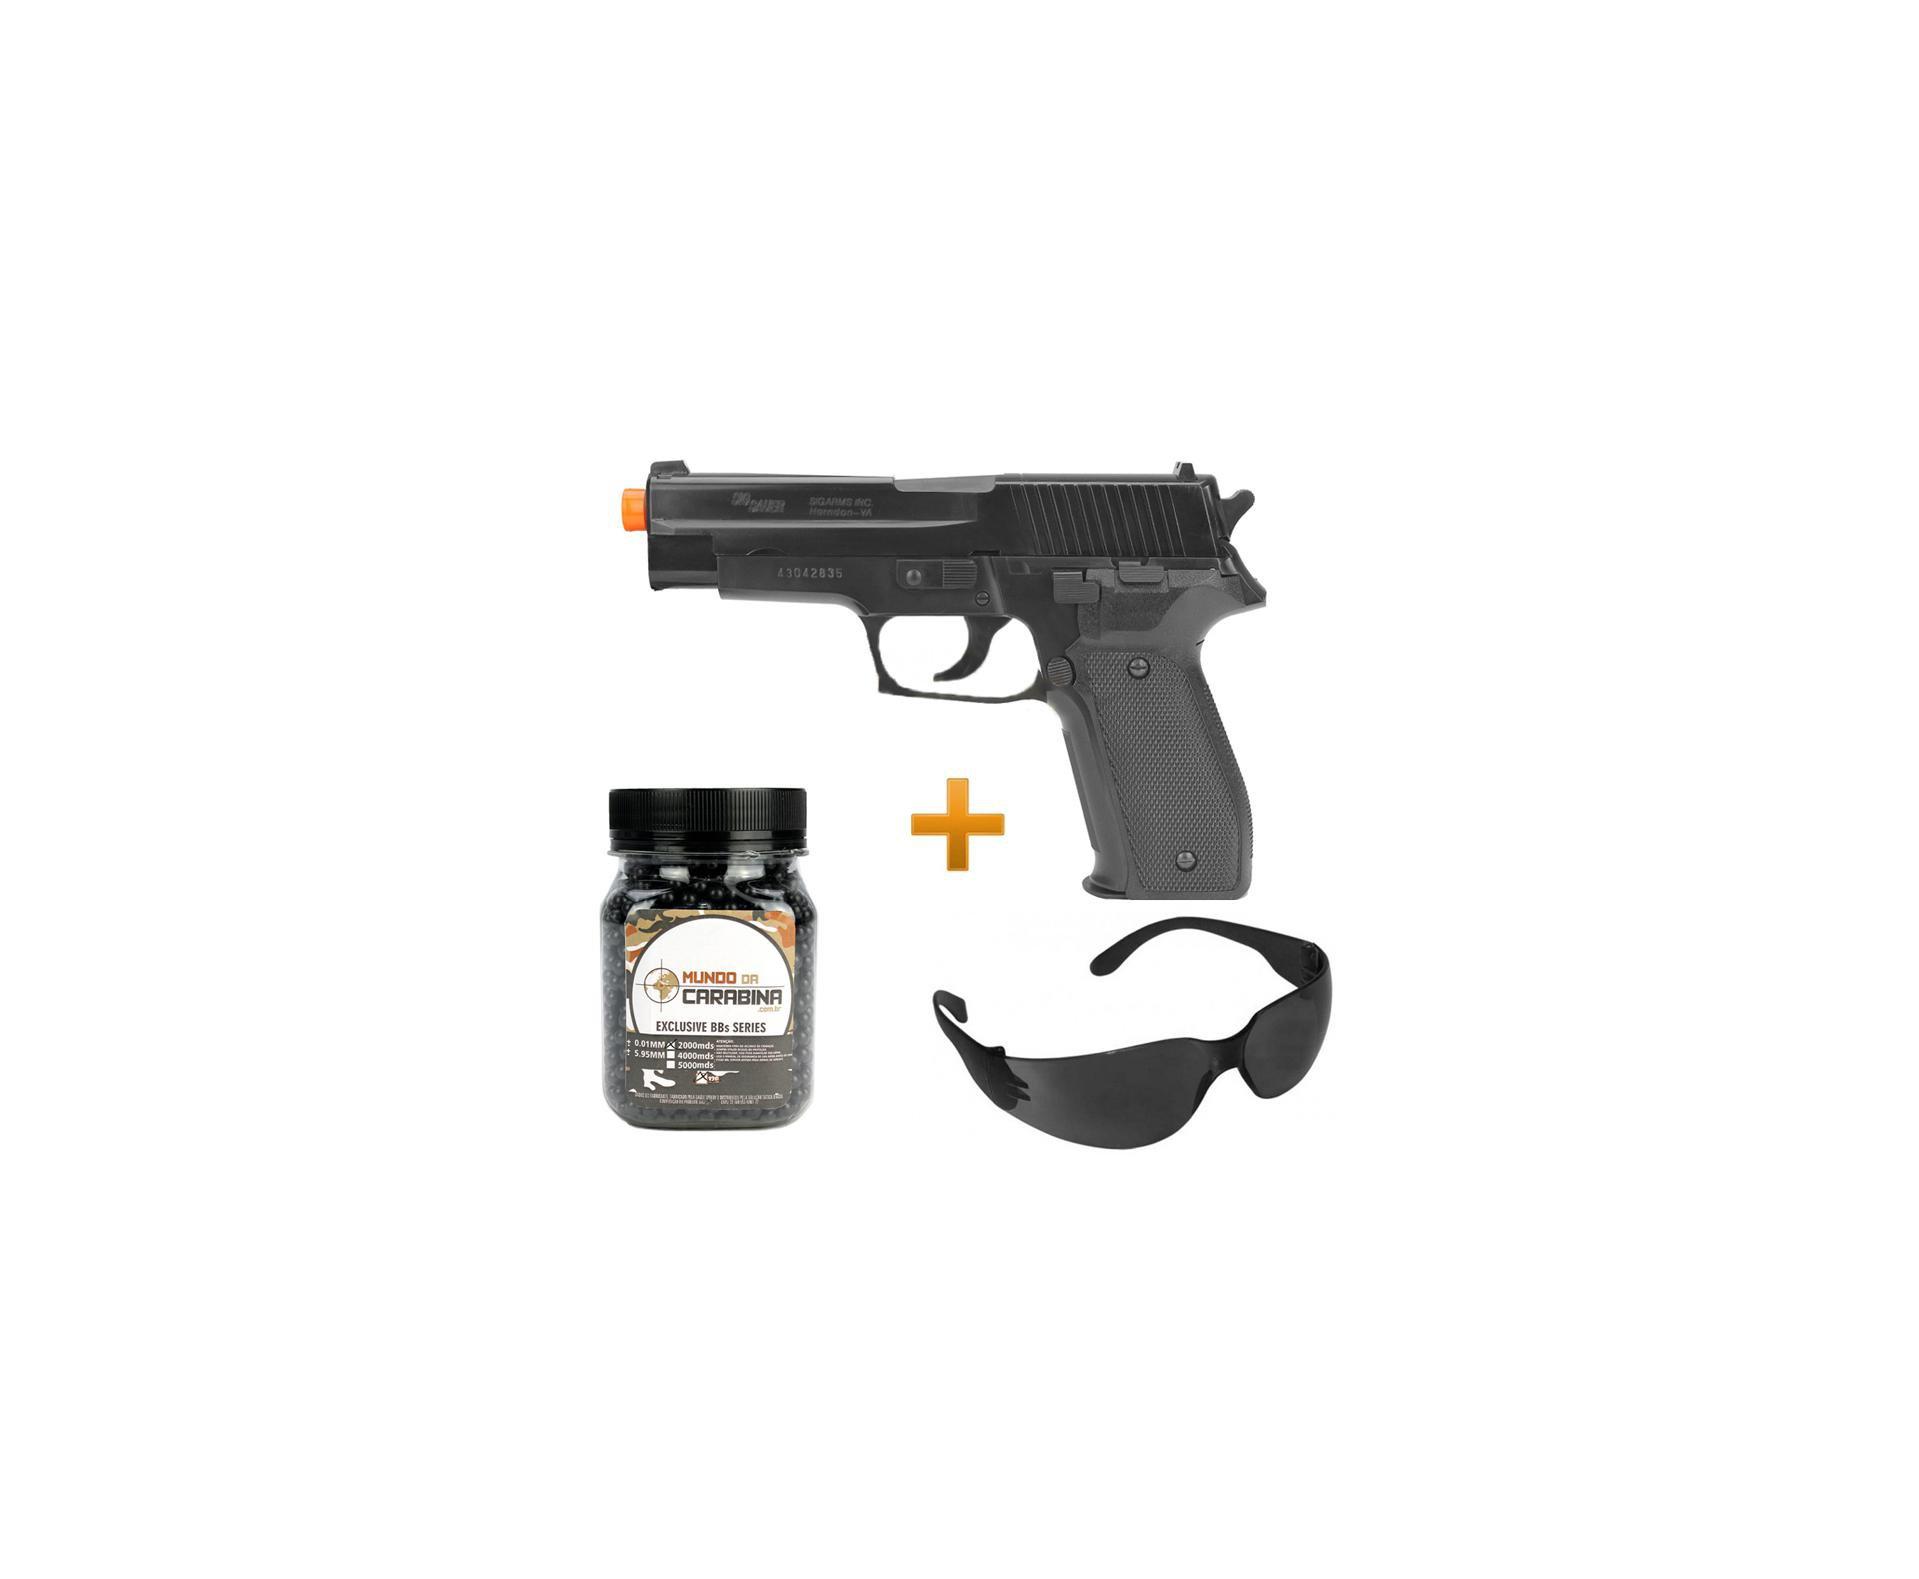 Pistola De Airsoft P226 Abs Spring + óculos De Proteção + 2.000 Esferas